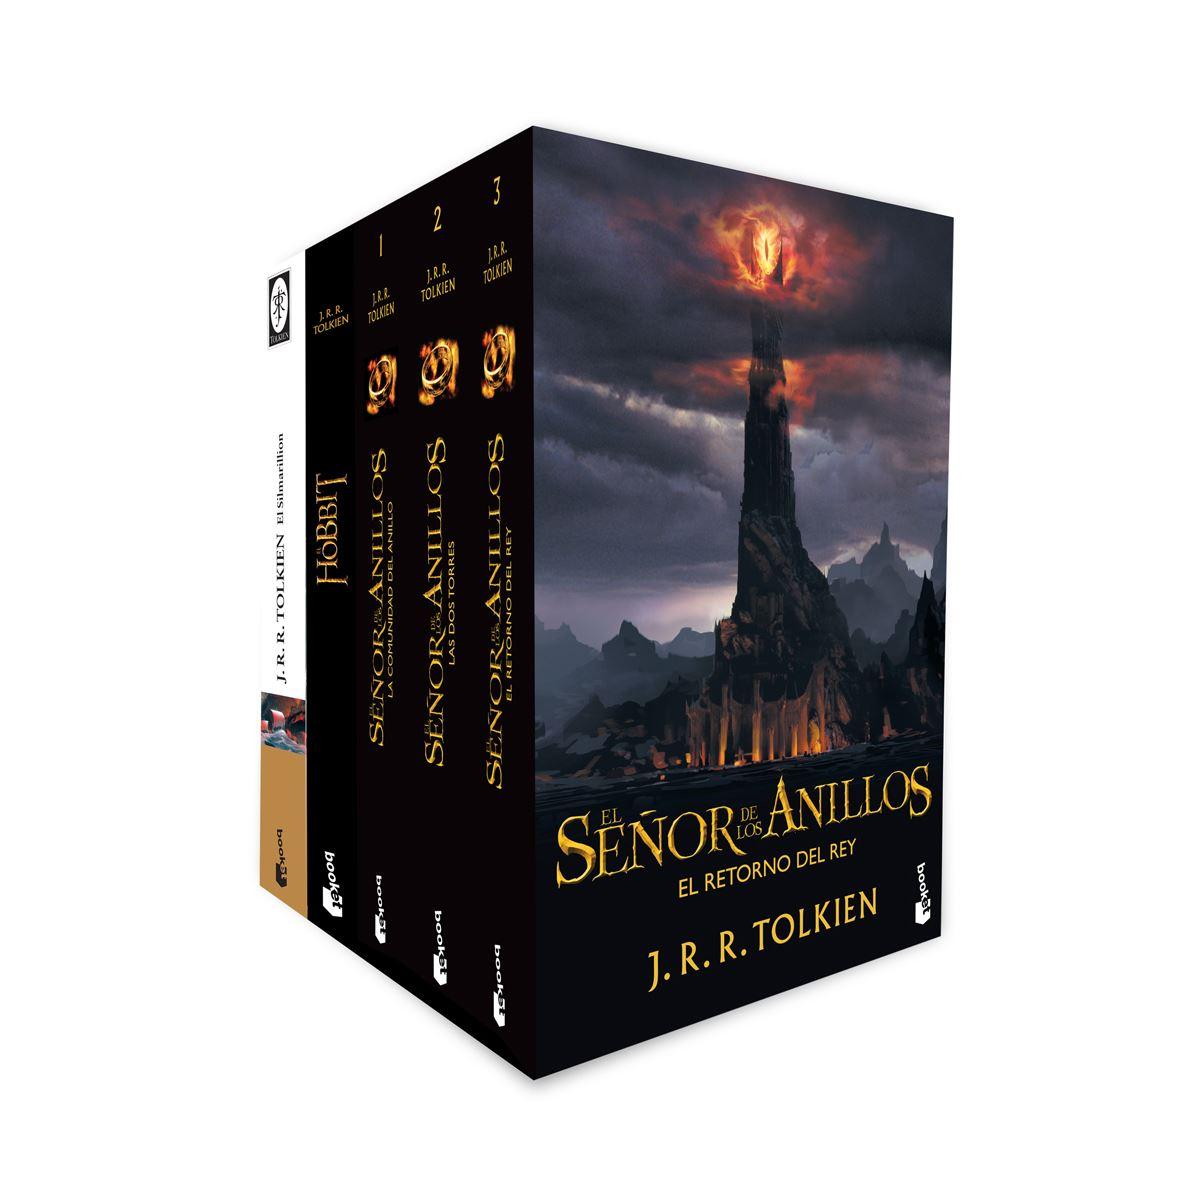 Paquete j. r. r. tolkien 5 libros Libro - Sanborns